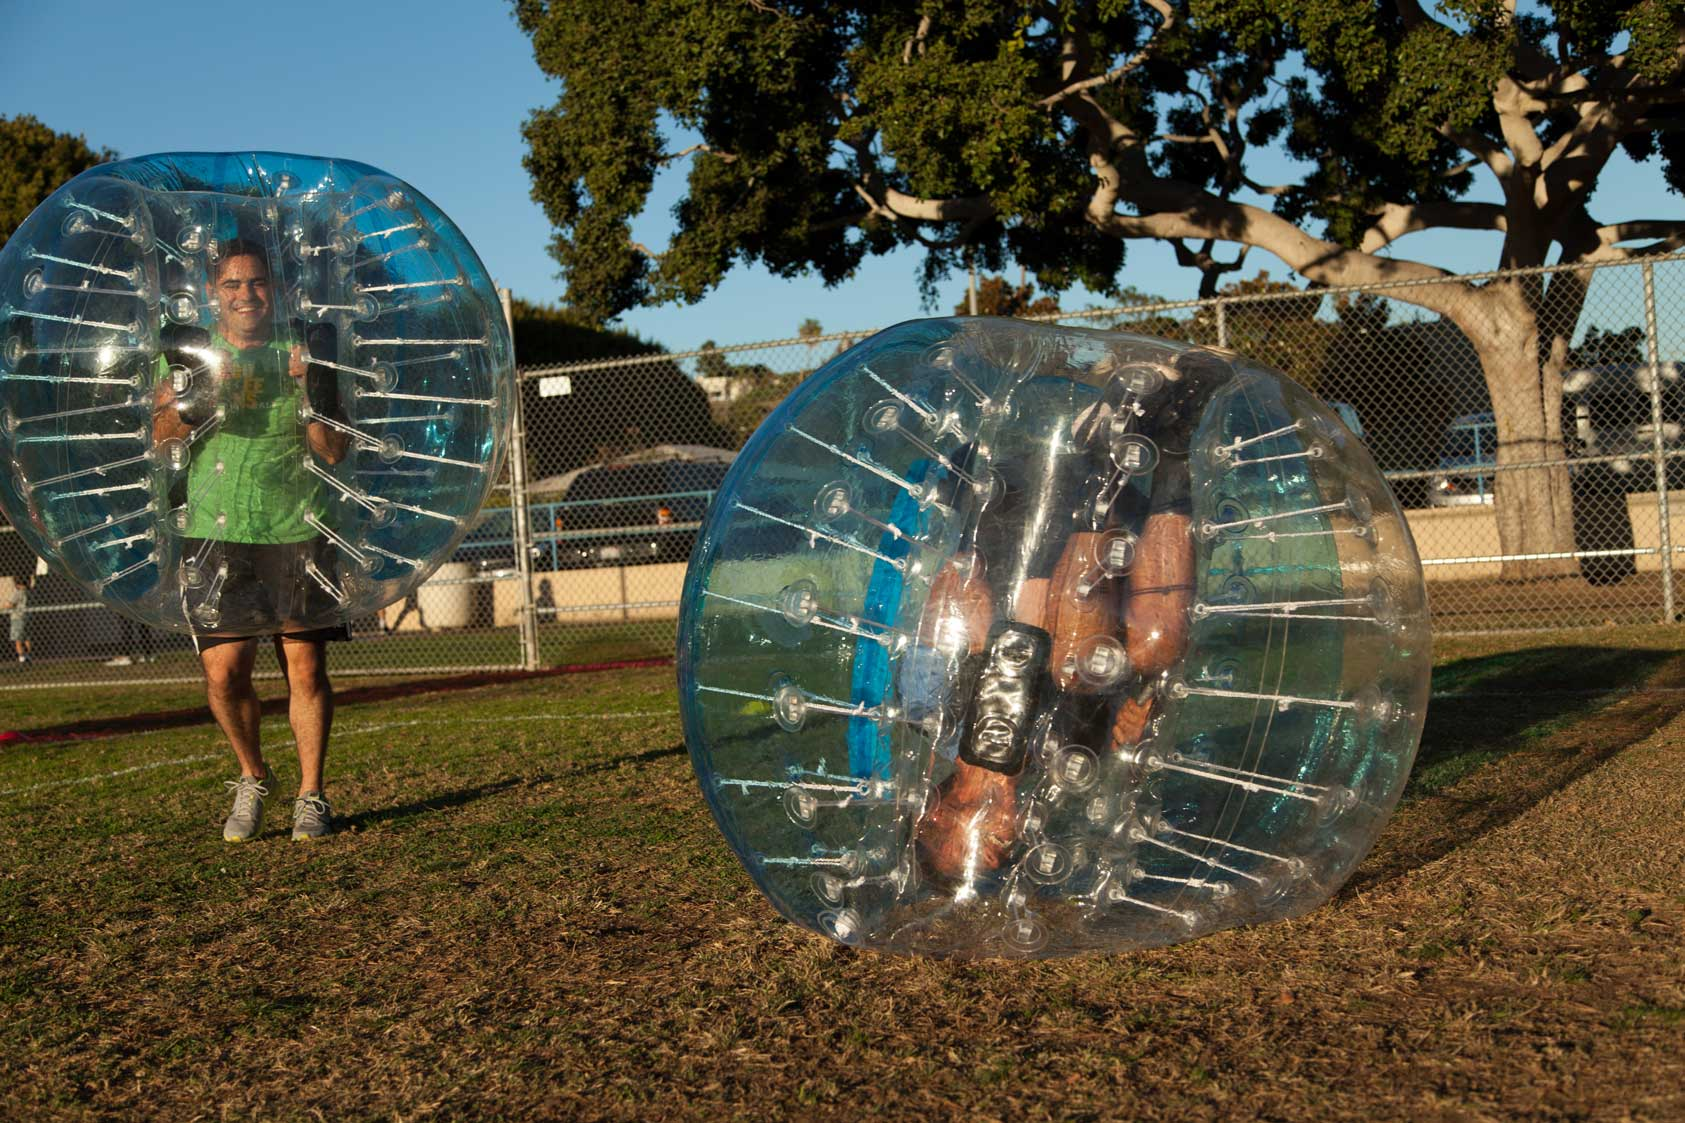 Upside down bubble rolling